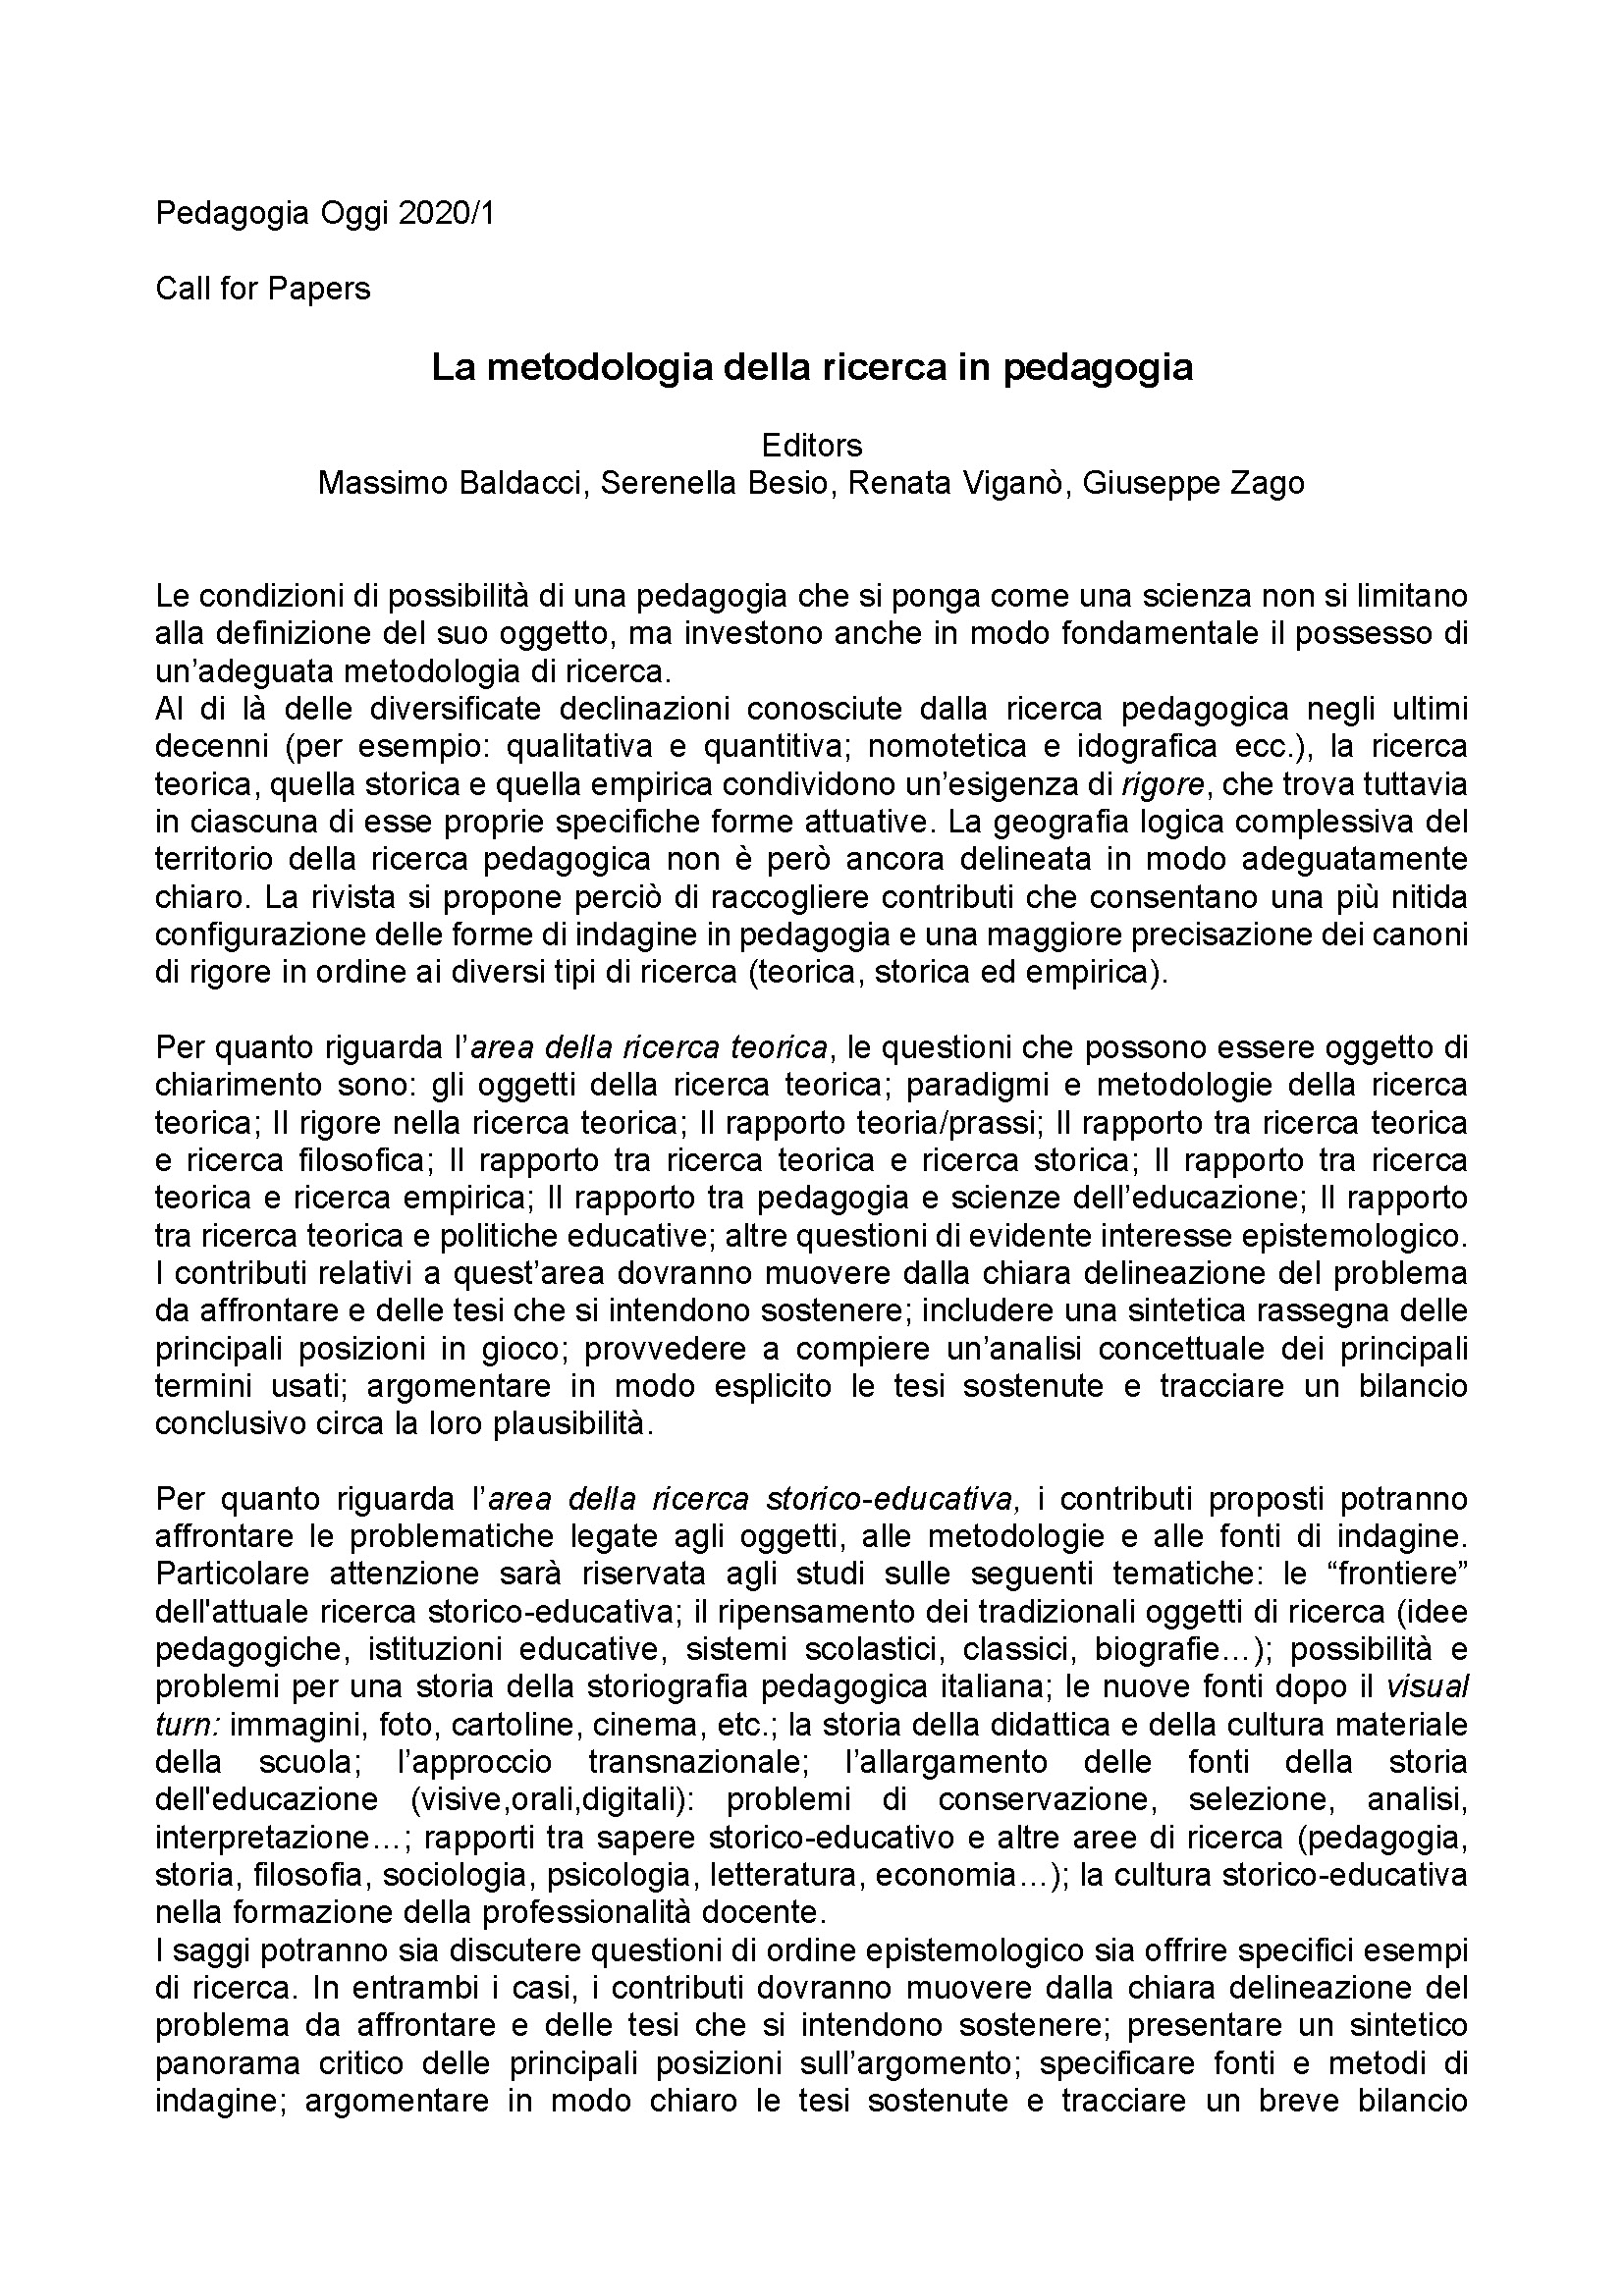 2019-09-08 – Call Pedagogia Oggi 2020/1